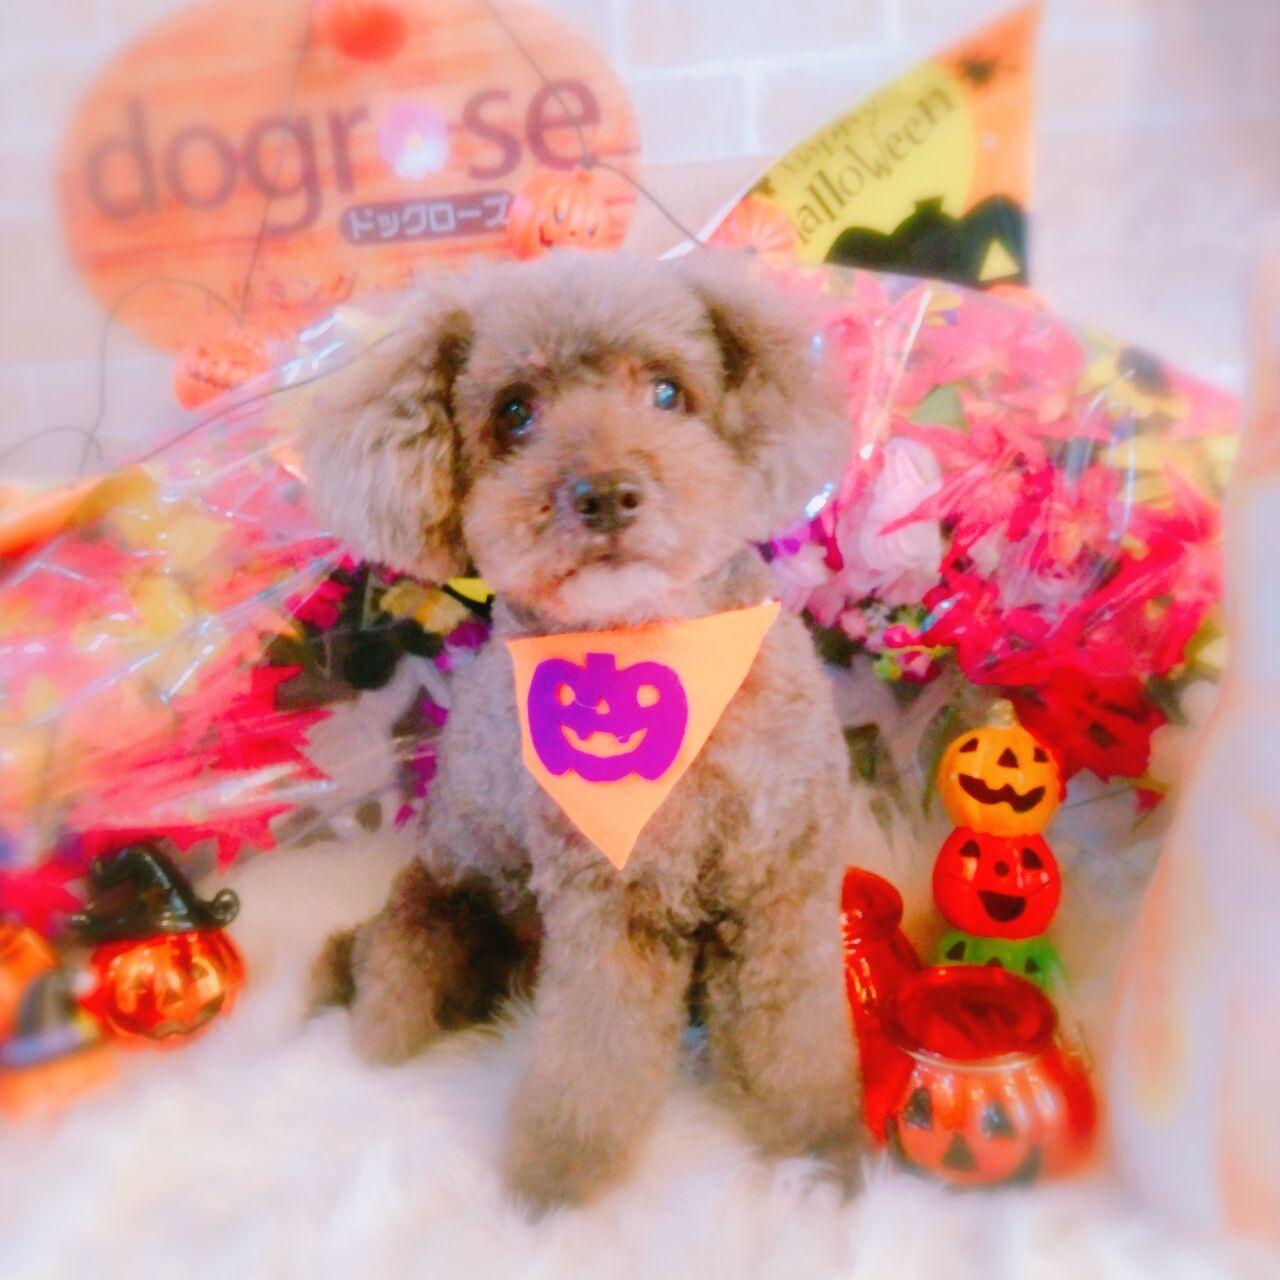 20-10-22-10-54-51-984_photo